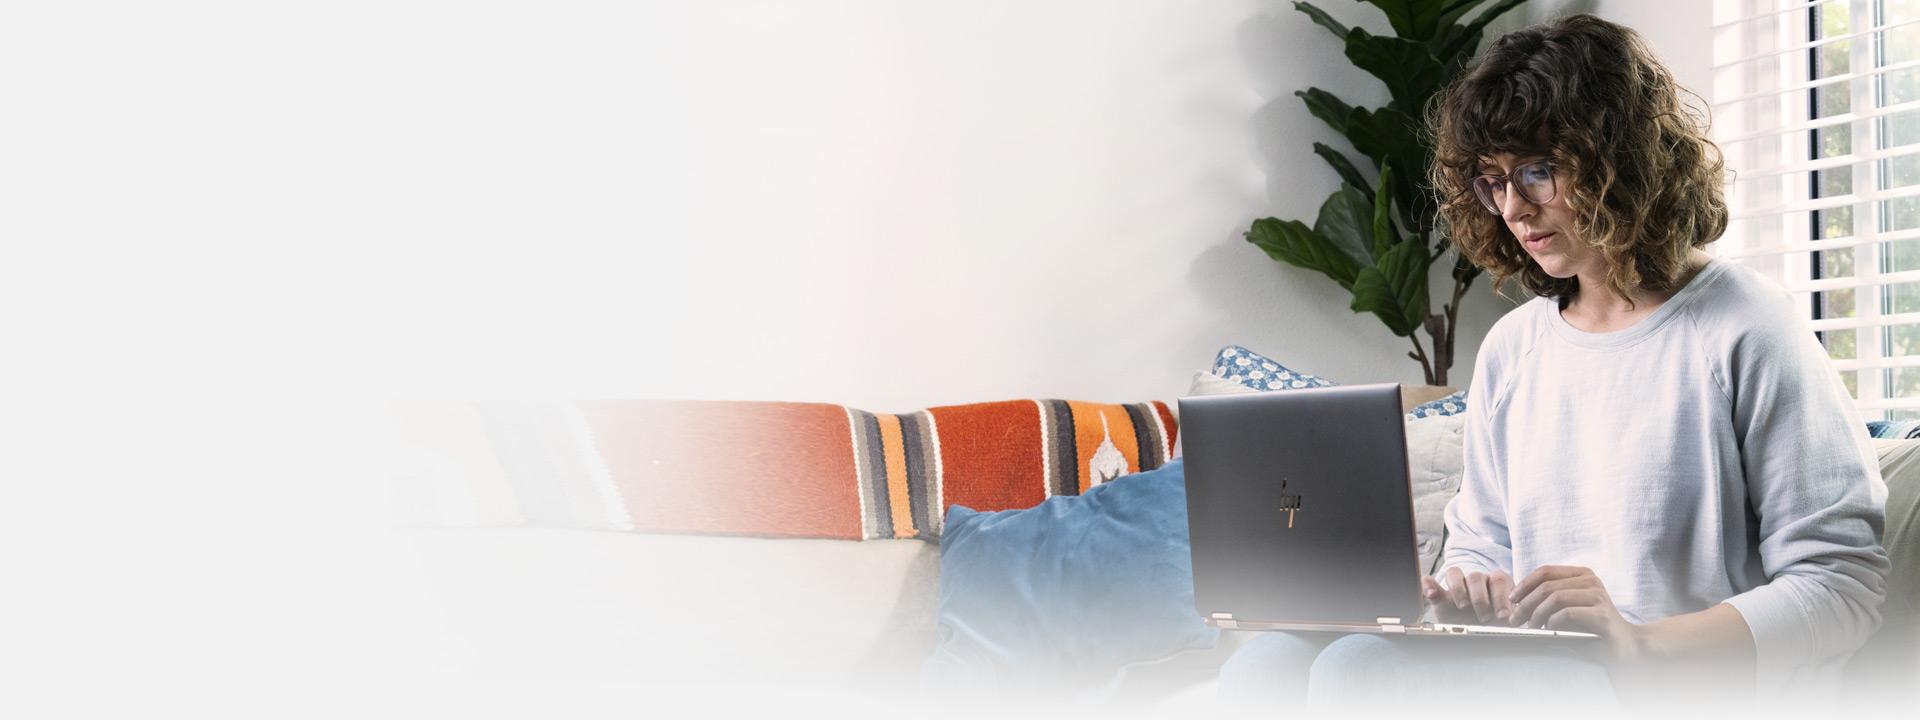 Μια γυναίκα χρησιμοποιεί έναν φορητό υπολογιστή ενώ κάθεται στον καναπέ